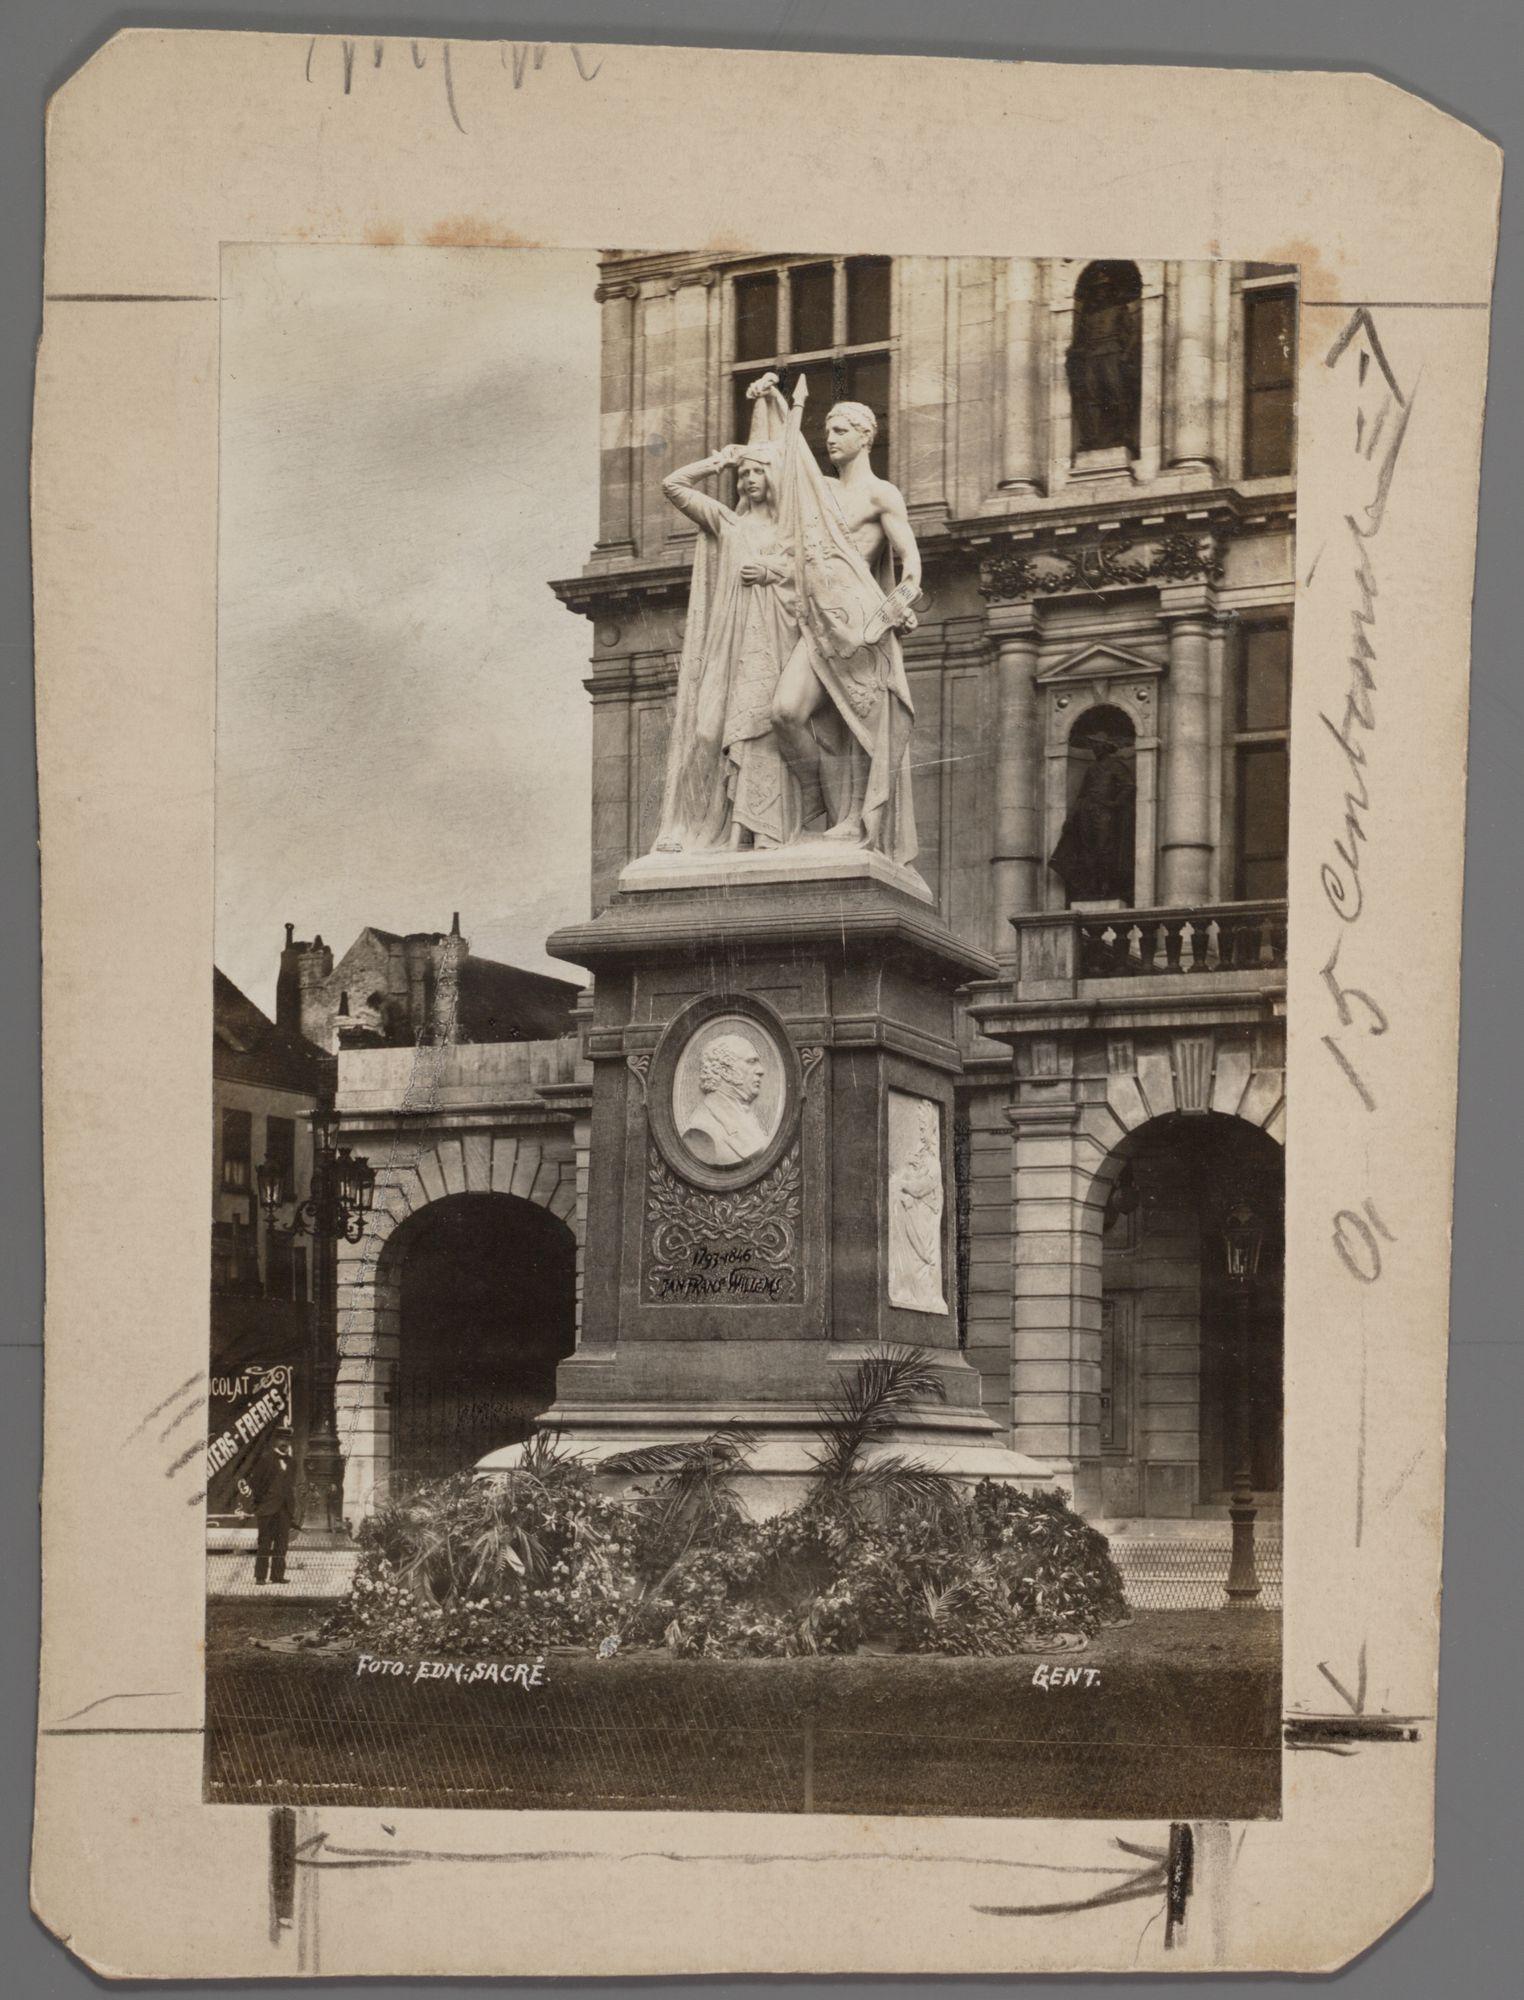 Gent: Standbeeld van Jan Frans Willems (1793-1846), Sint-Baafsplein